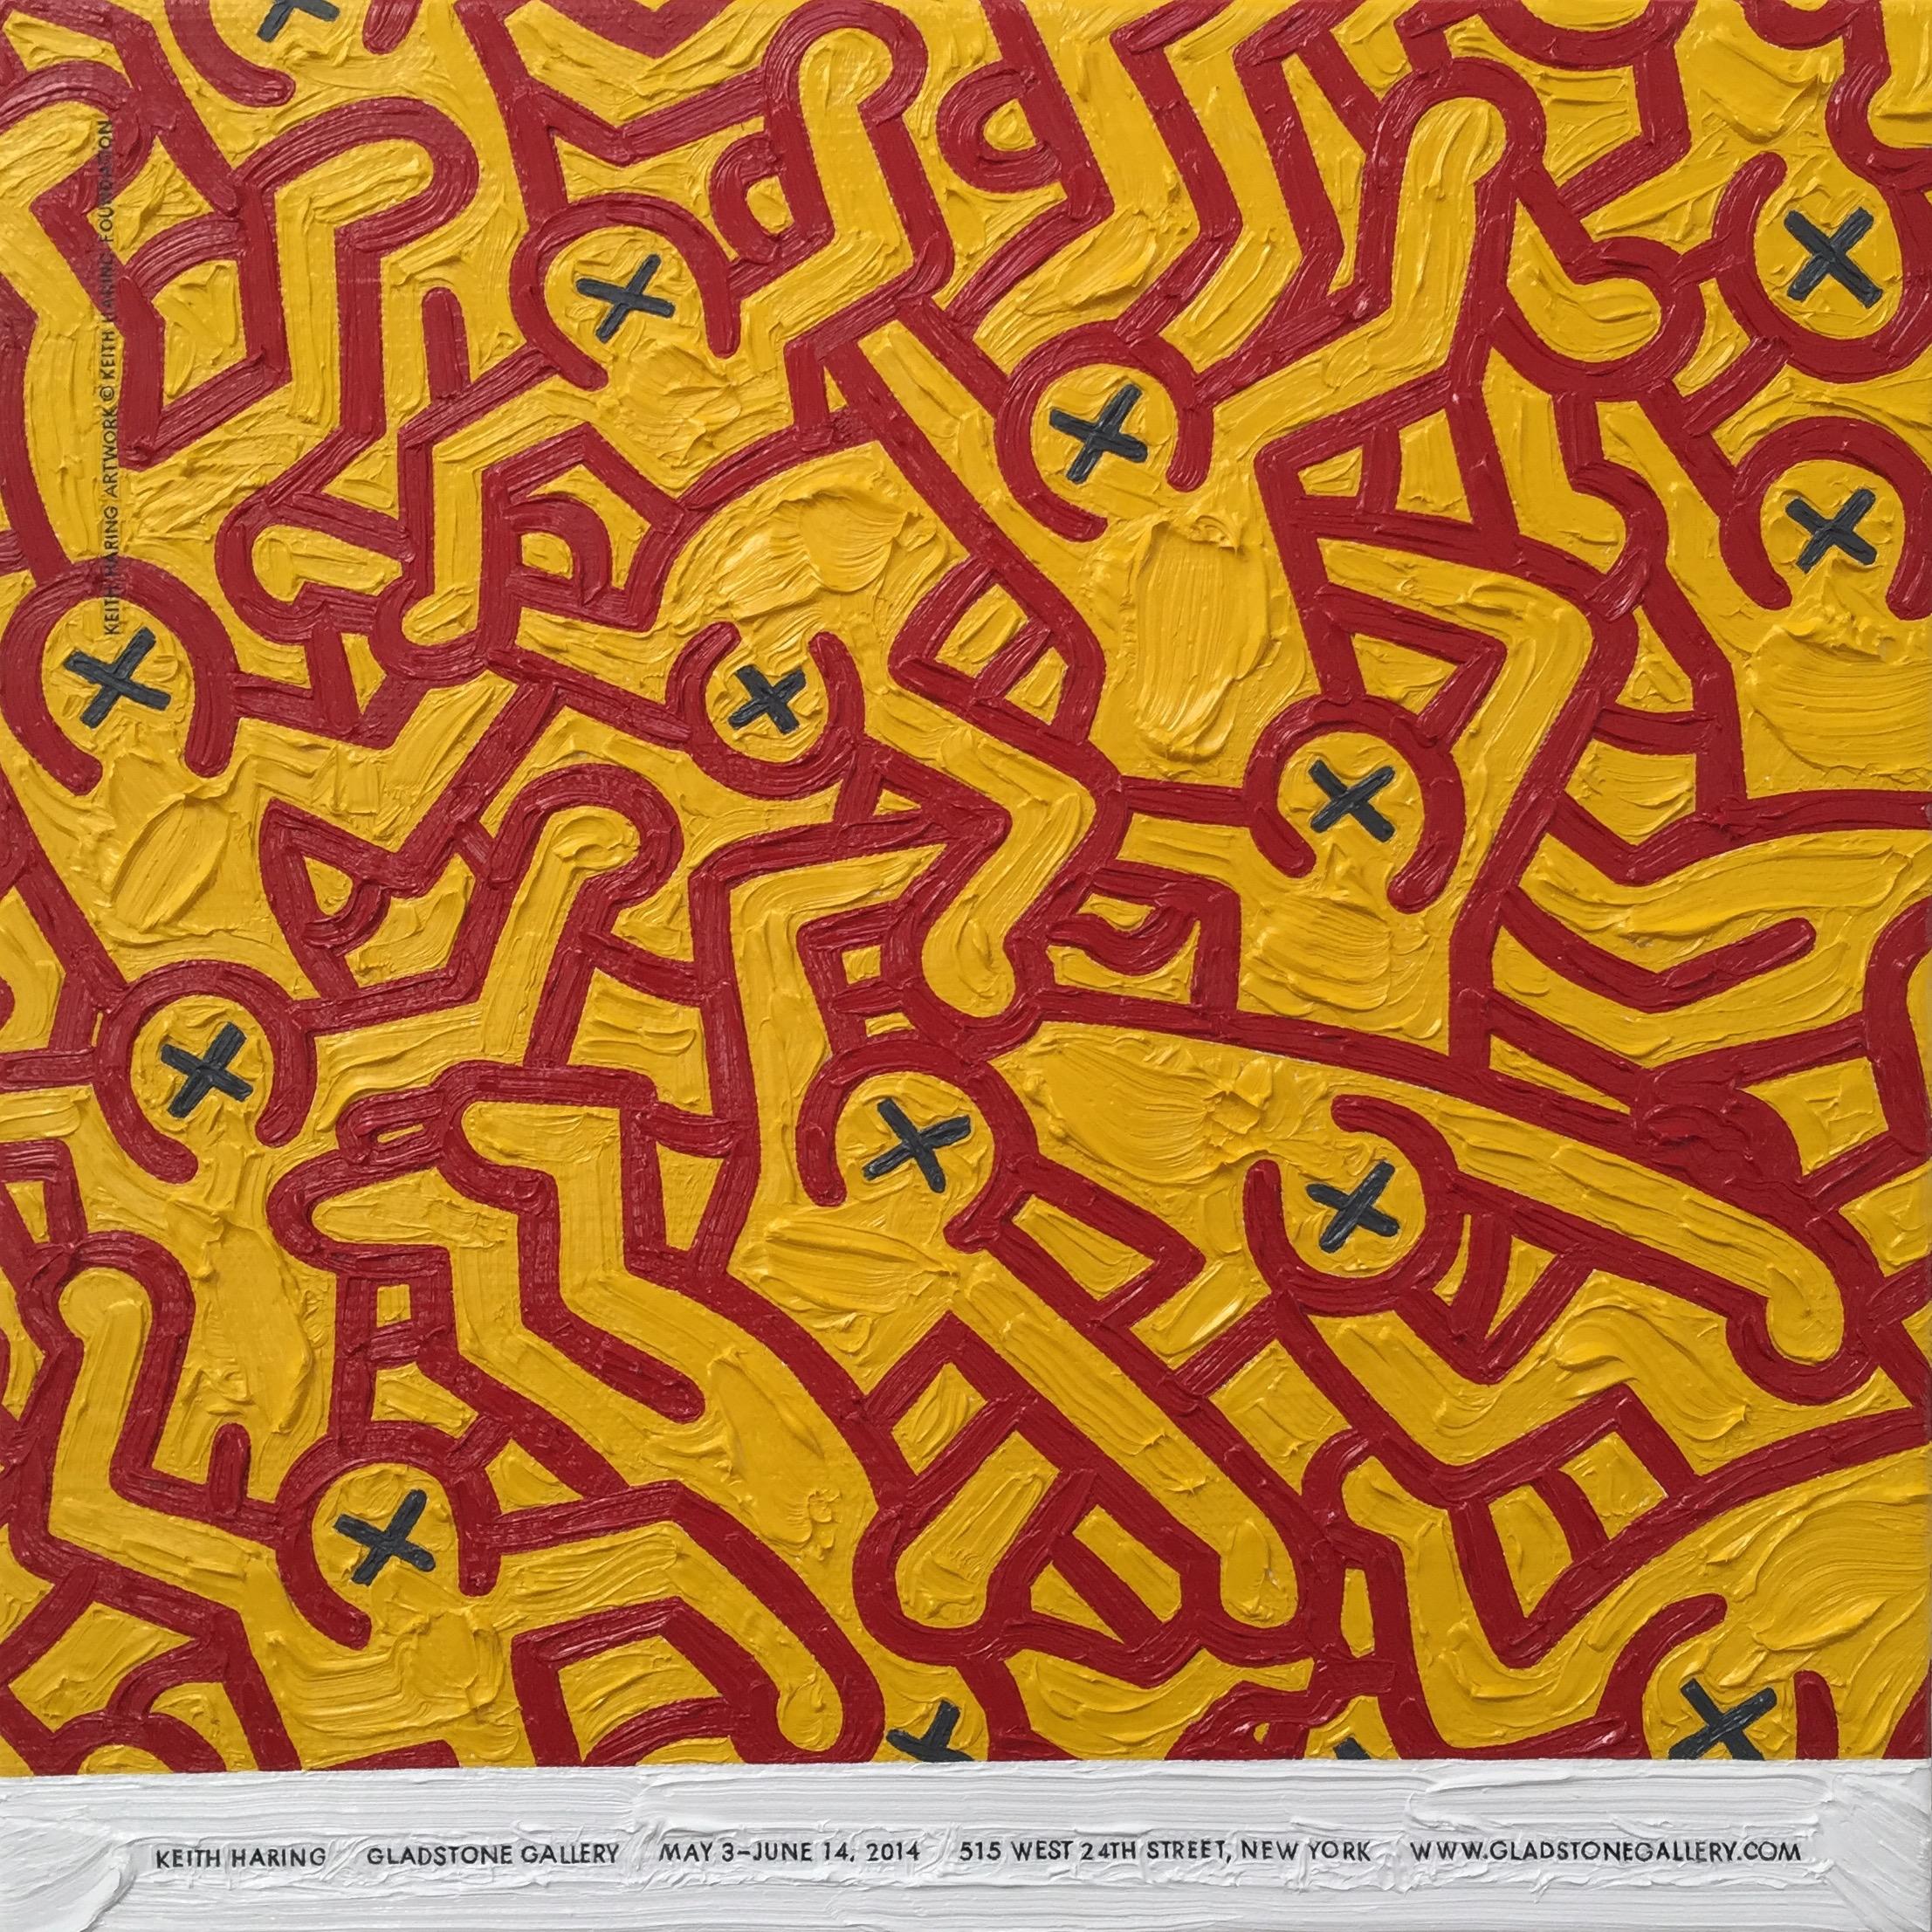 Keith Haring at Gladstone